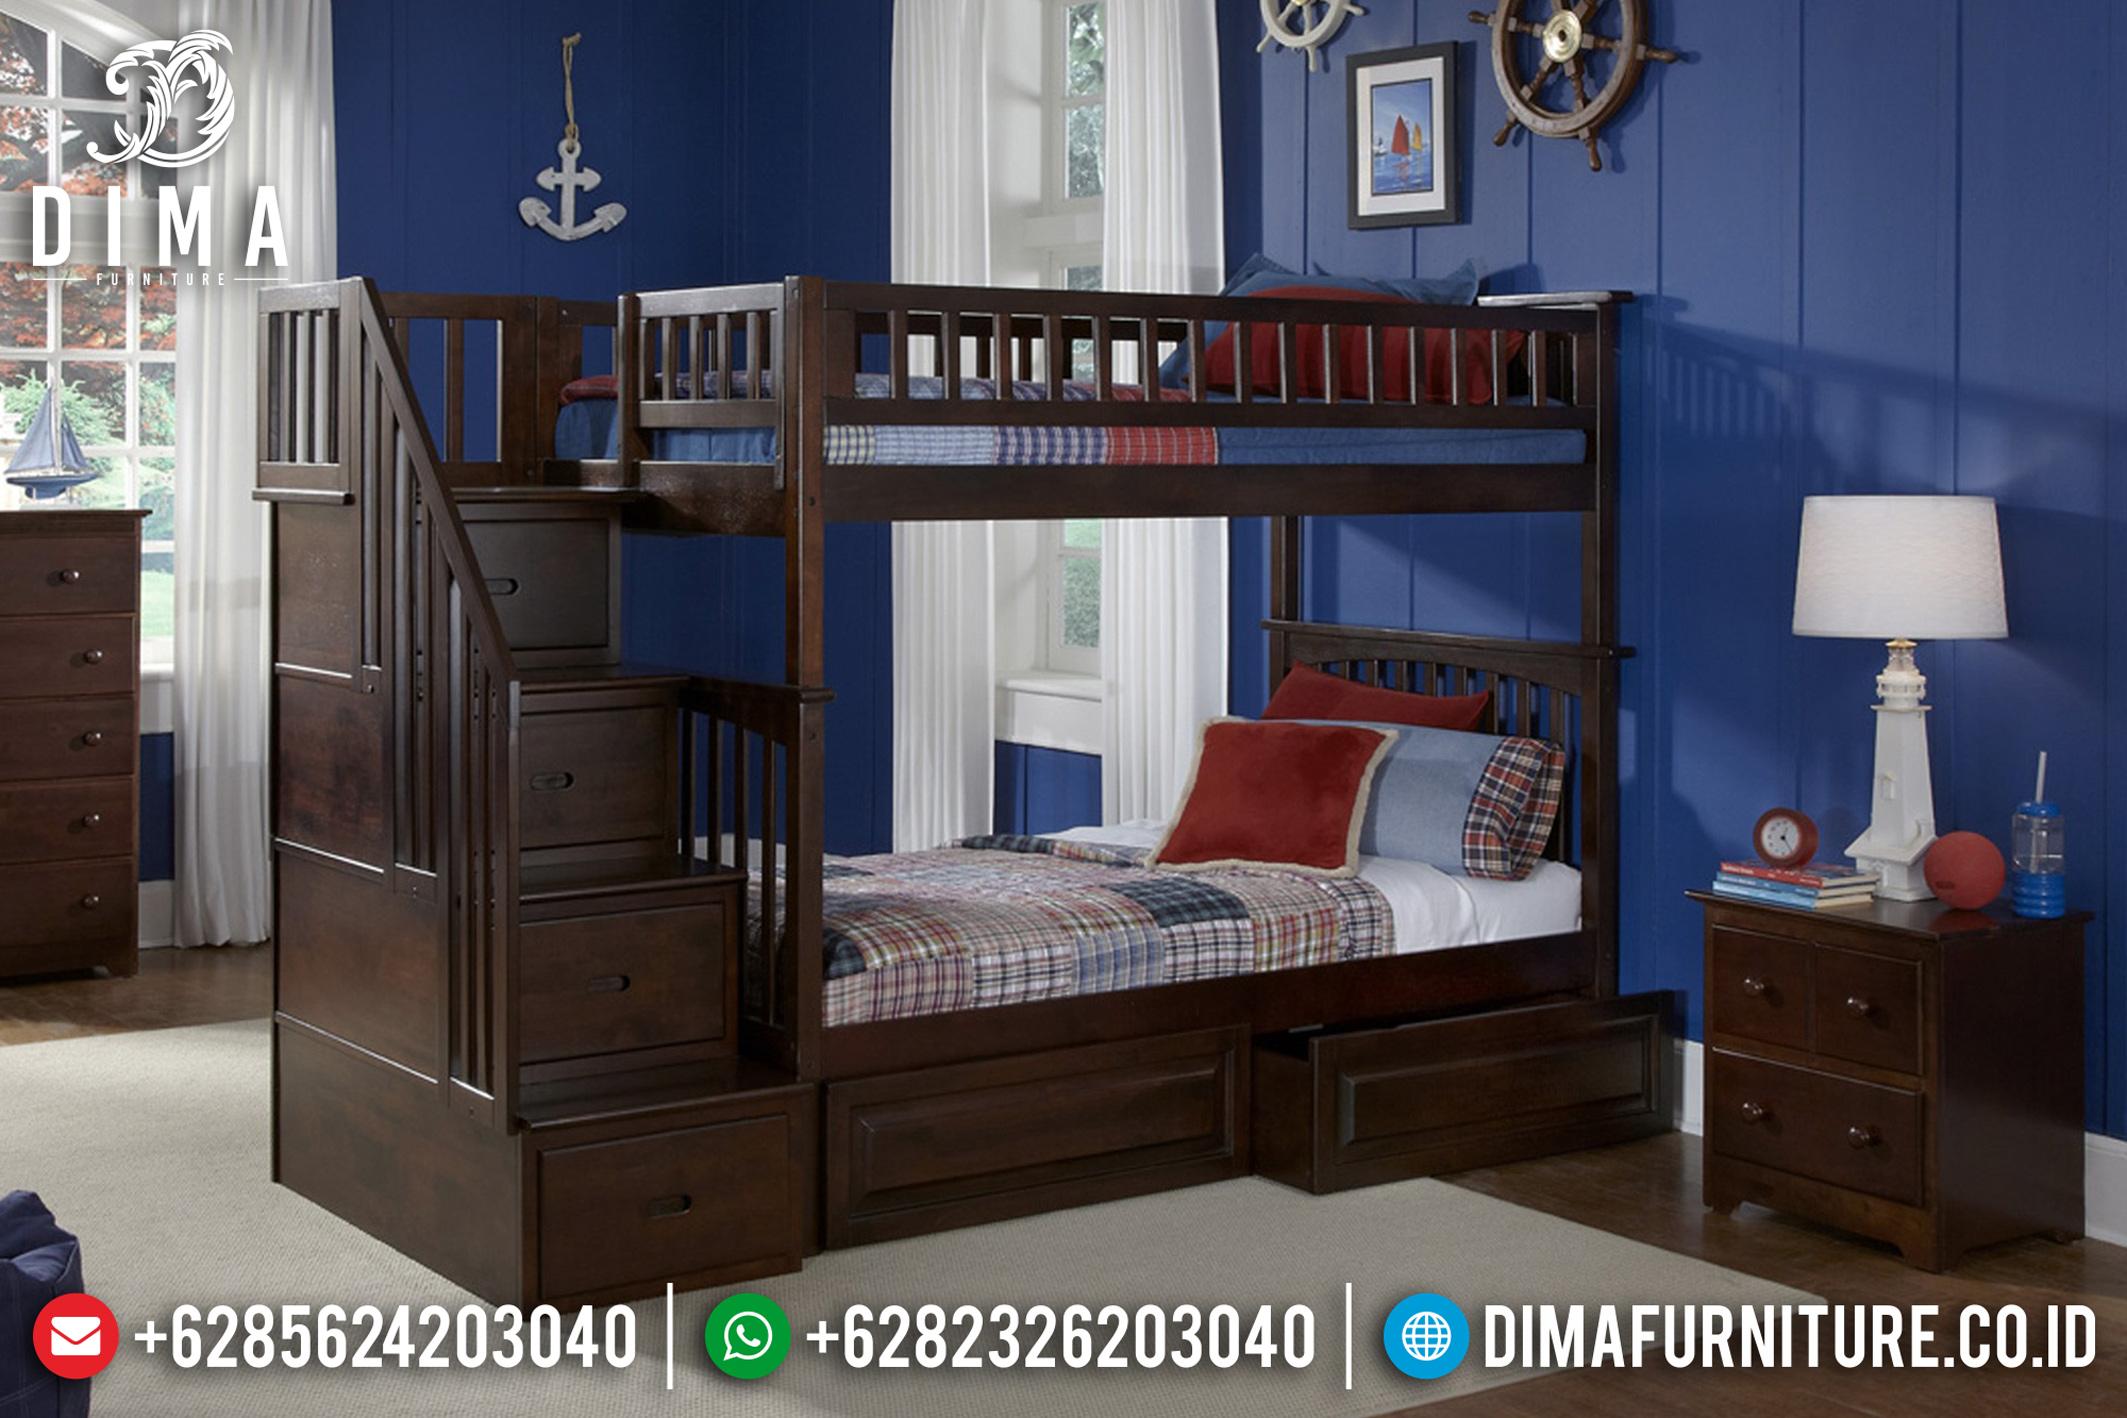 Tempat Tidur Anak Tingkat Minimalis Jati Jepara Terbaru 2019 DF-0743